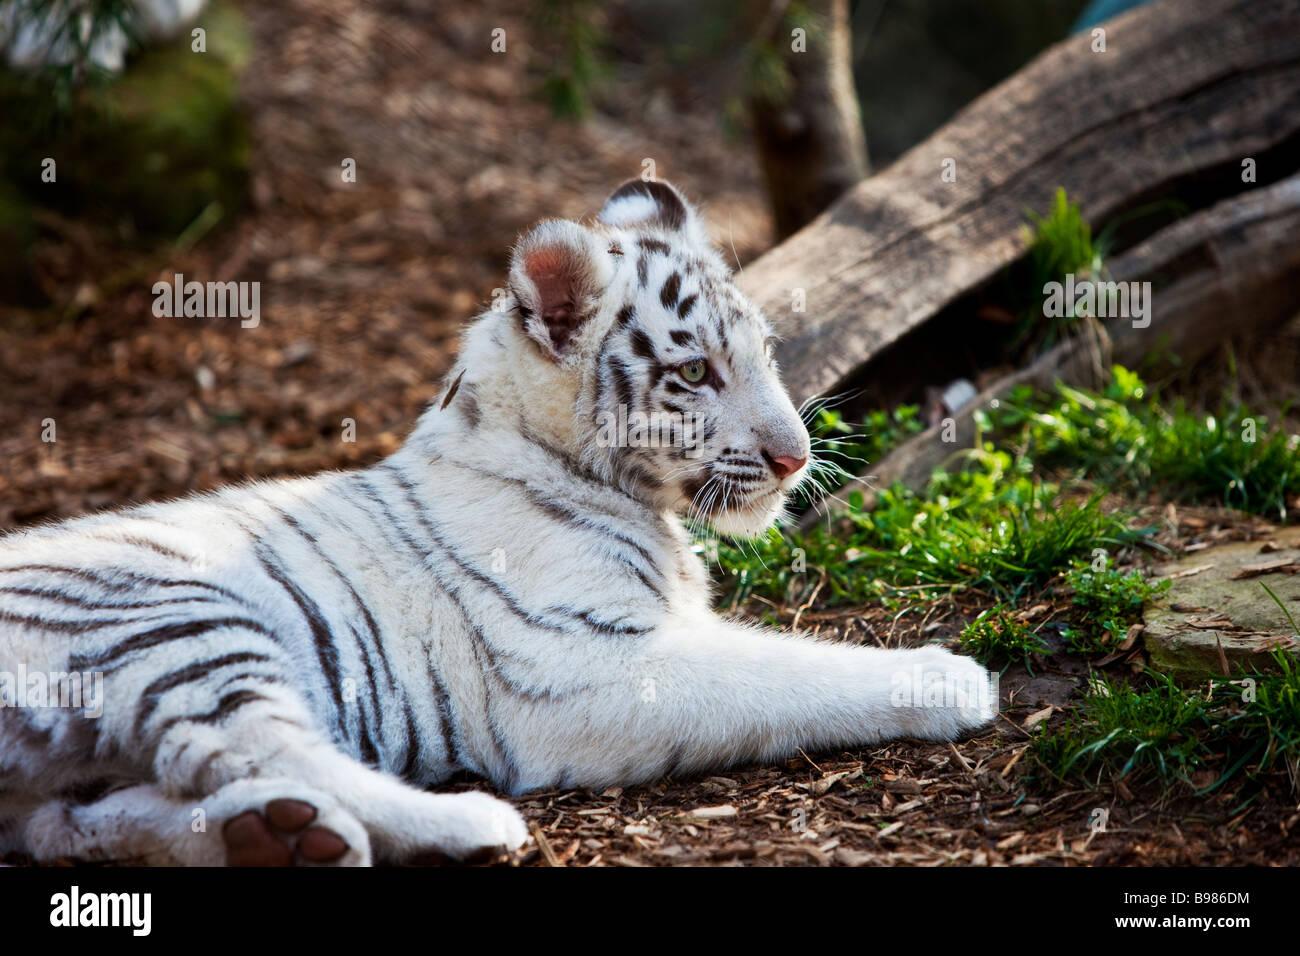 White Tiger Cub Panthera Tigris - Stock Image